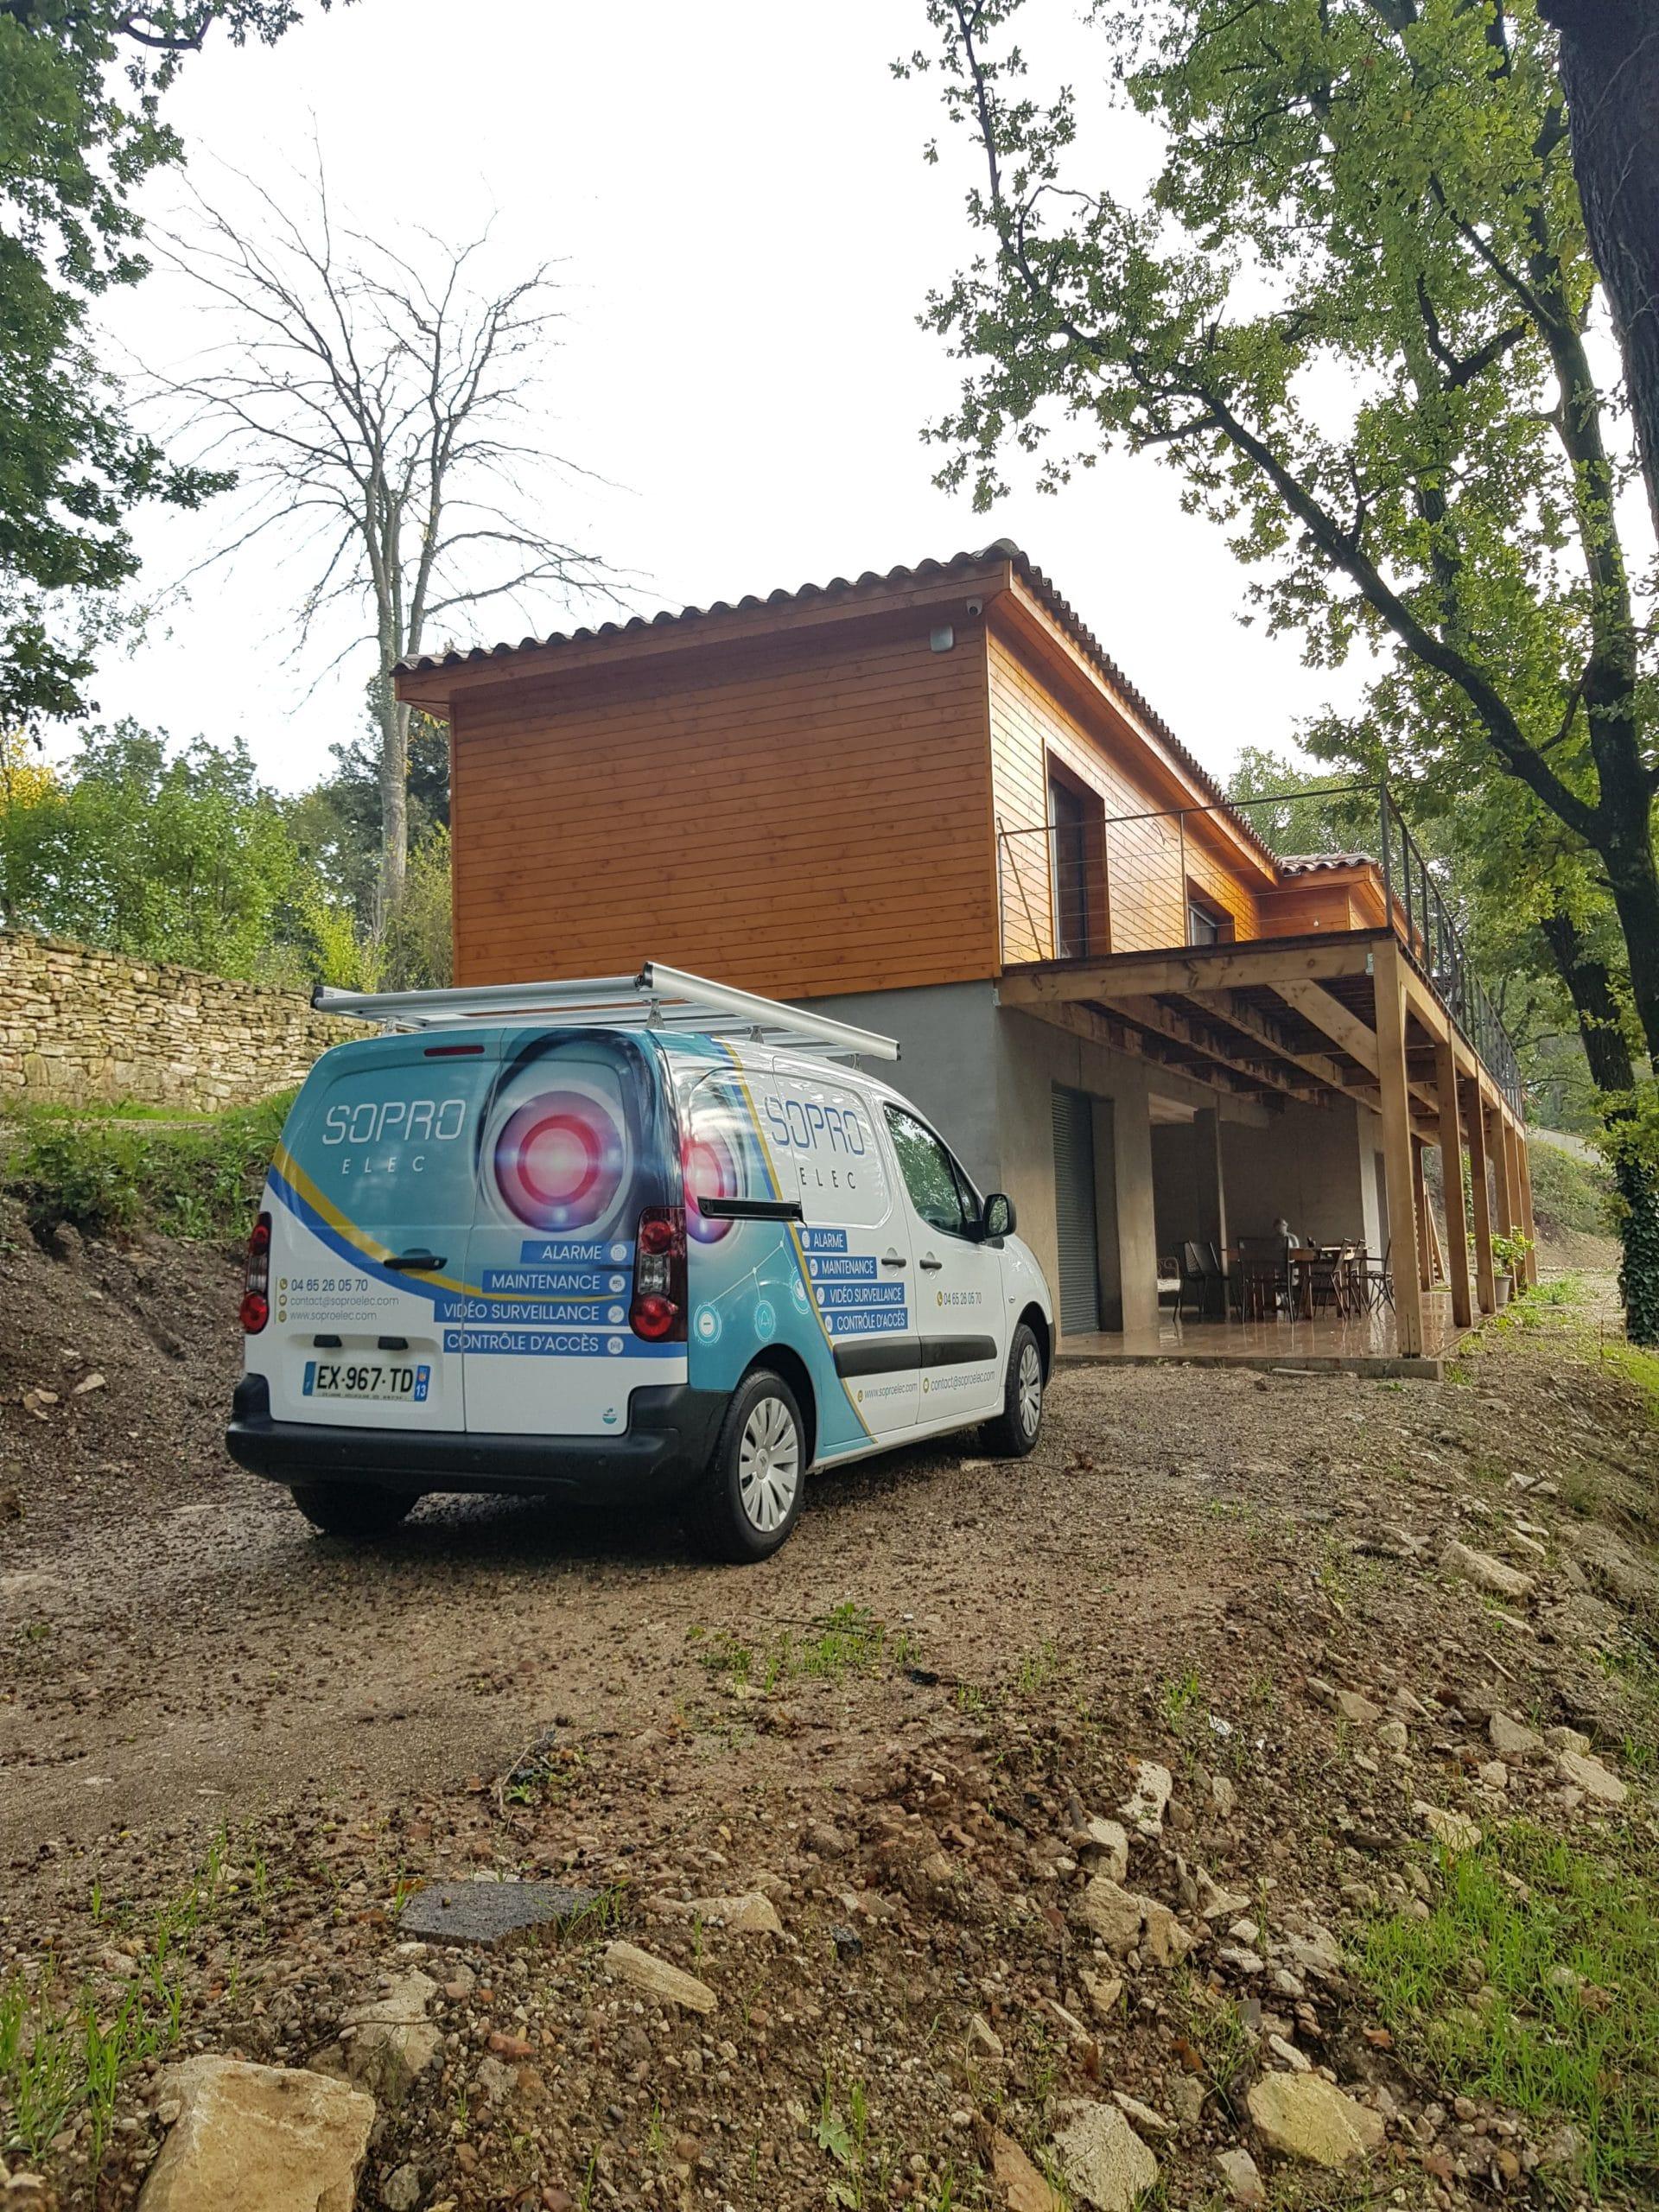 Expert en installation de caméra et alarme SoPro Elec à Aix en Provence